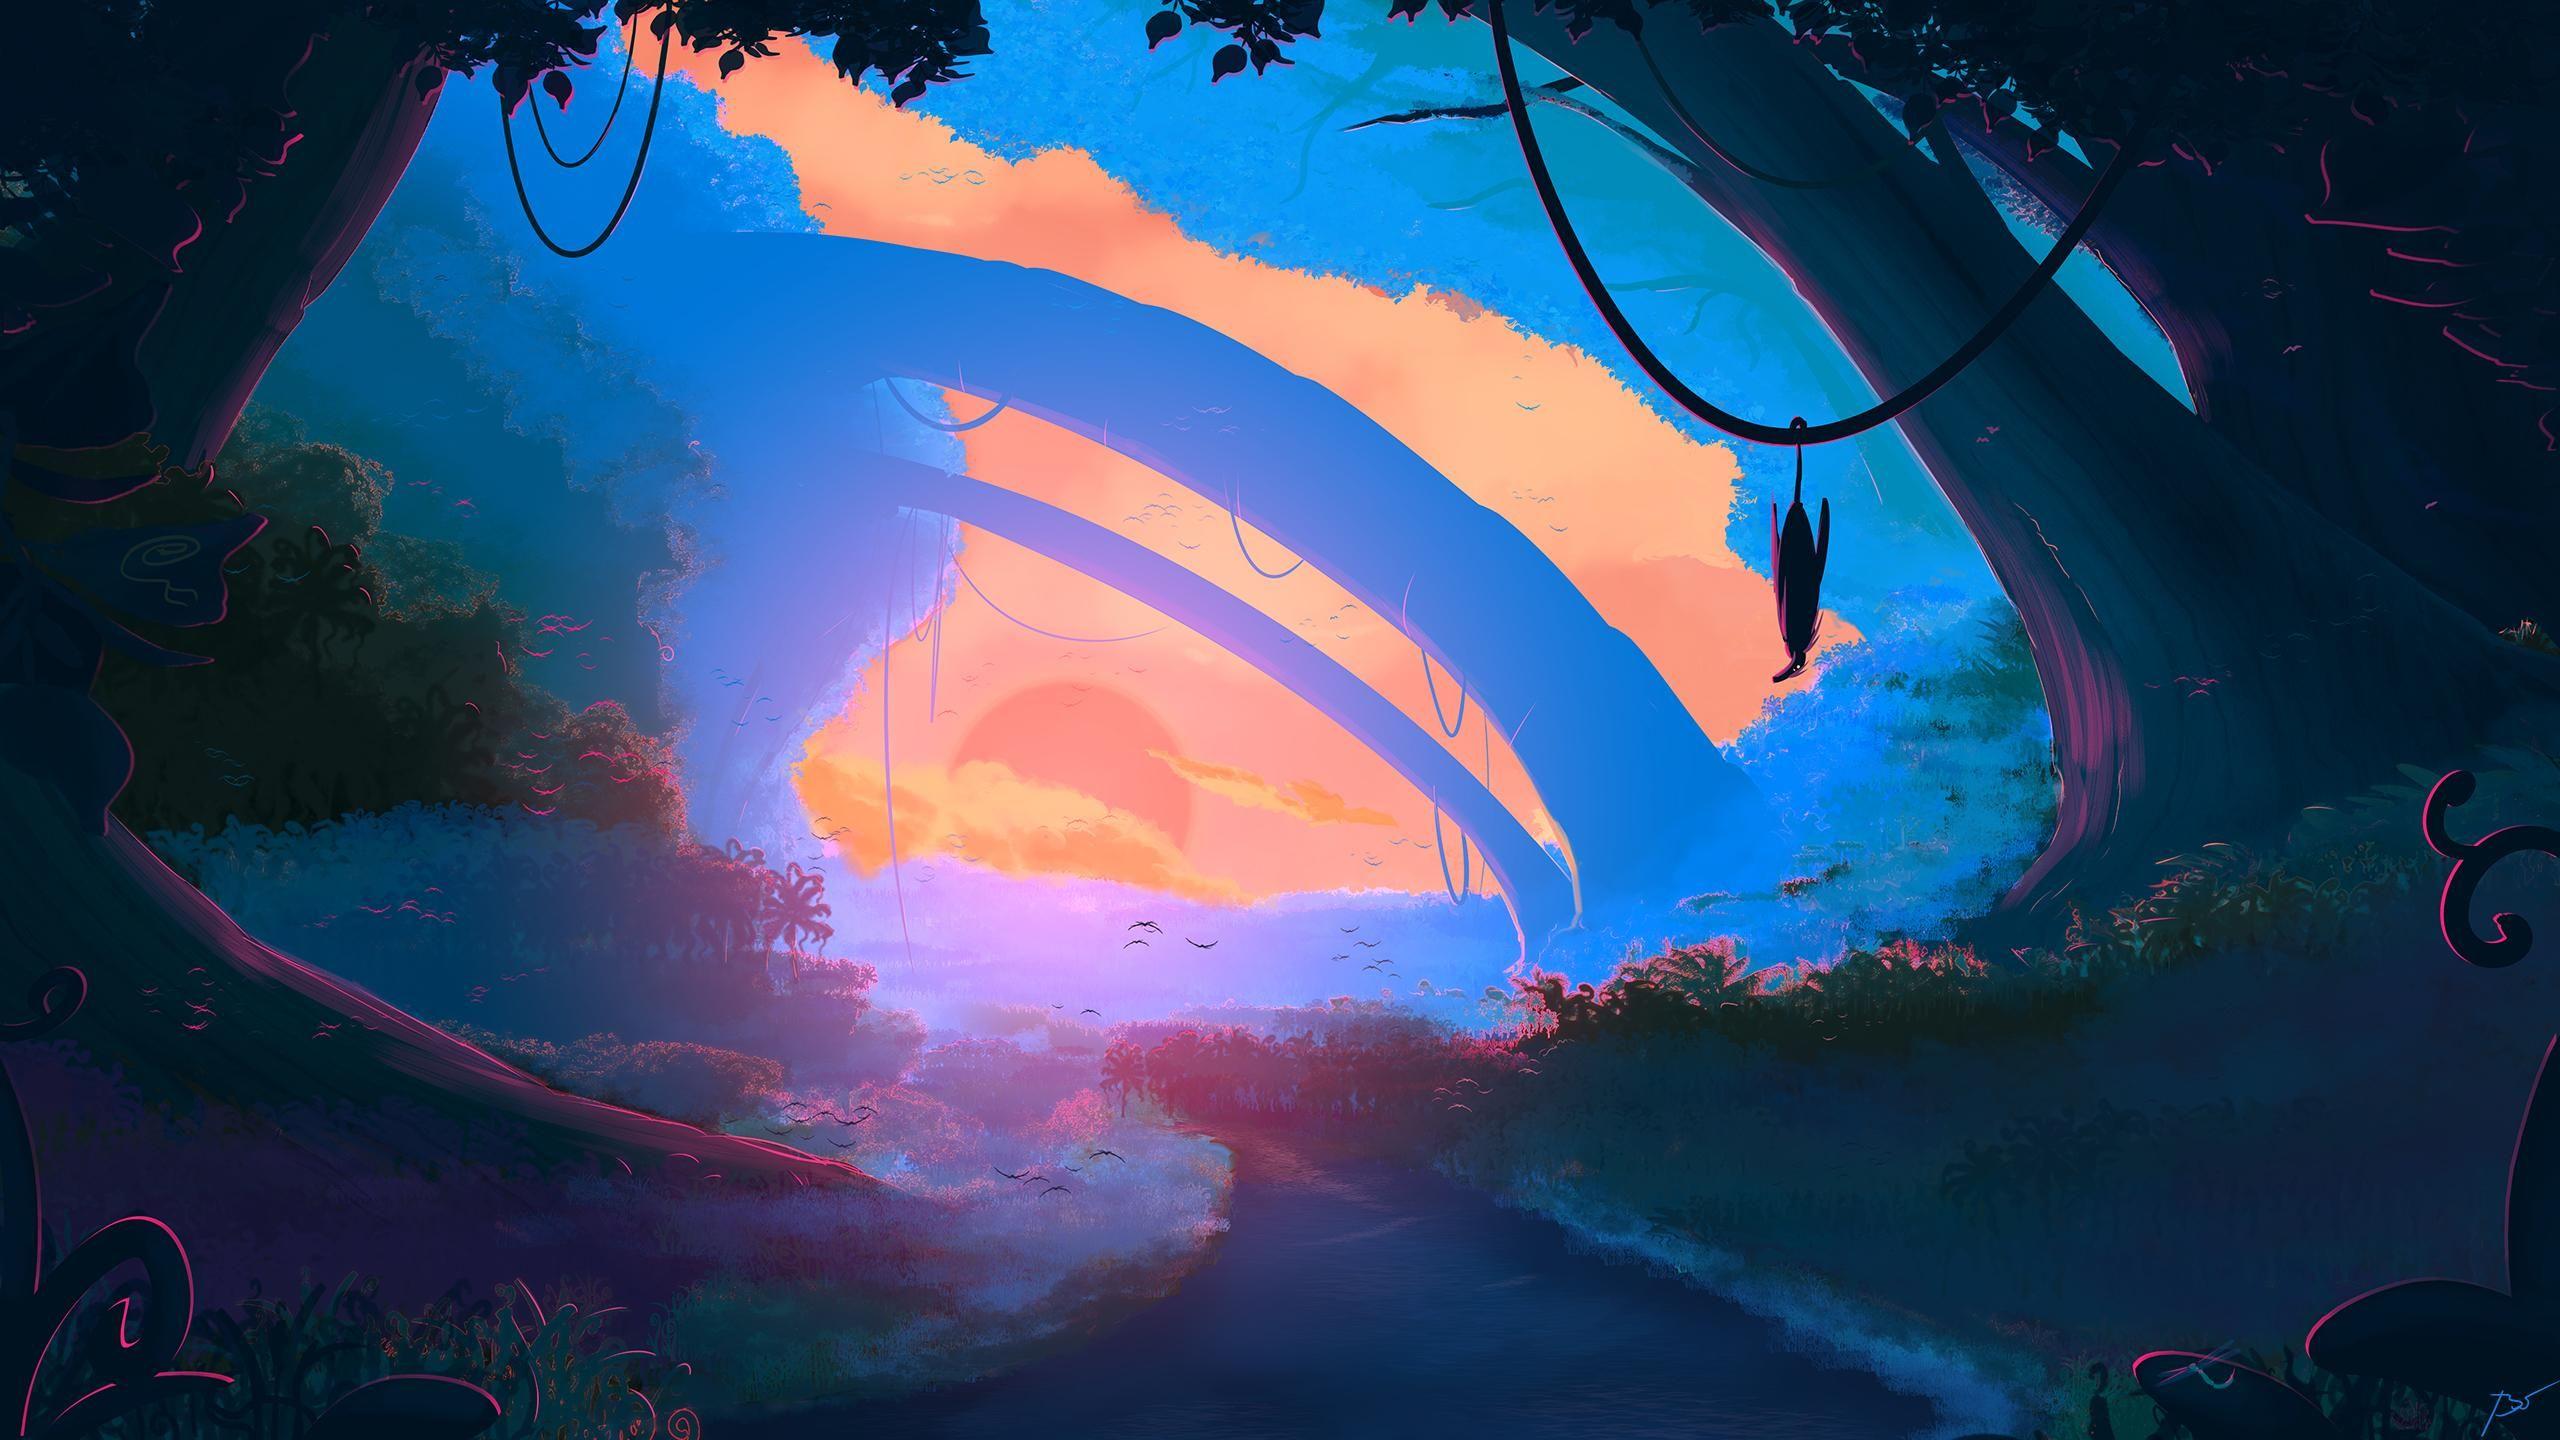 Prehistoric 2560x1440 Colorful Landscape Landscape Wallpaper Wallpaper